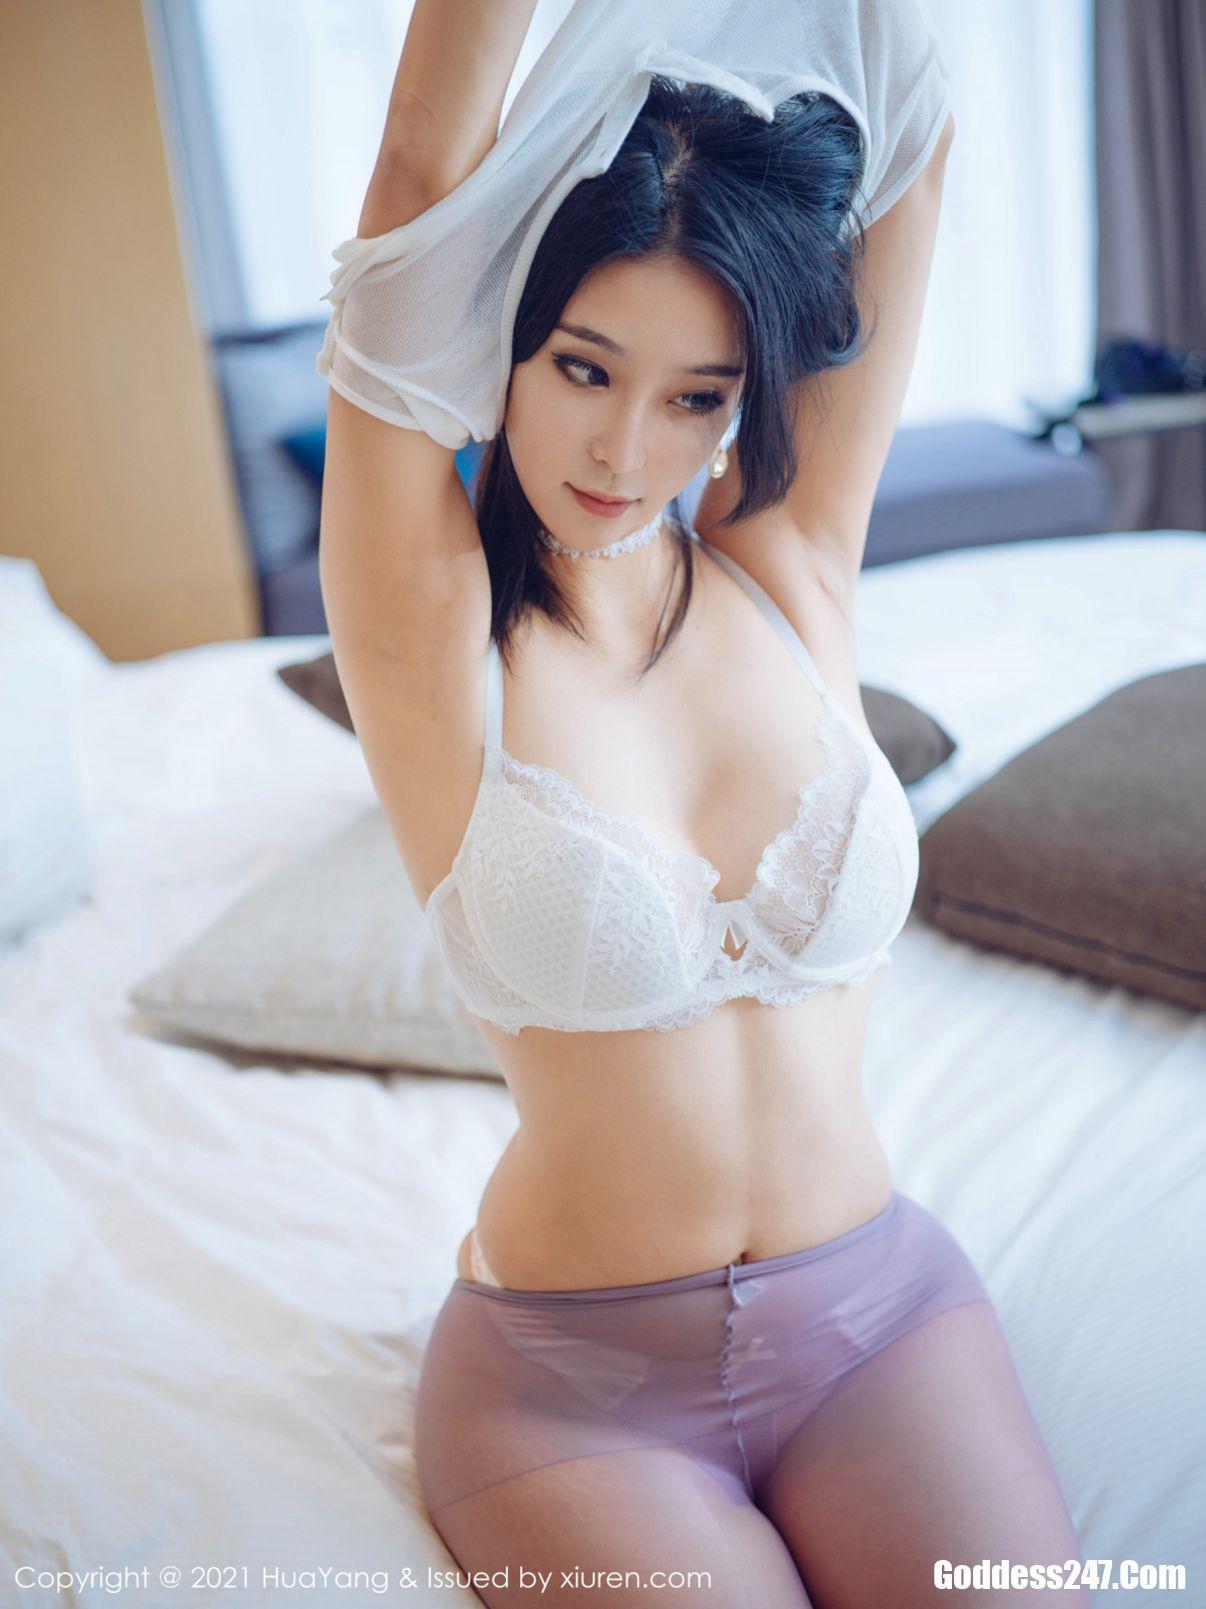 蓝夏Akasha, Liu Yi Lei, HuaYang花漾Show Vol.405 蓝夏Akasha, HuaYang花漾Show Vol.405